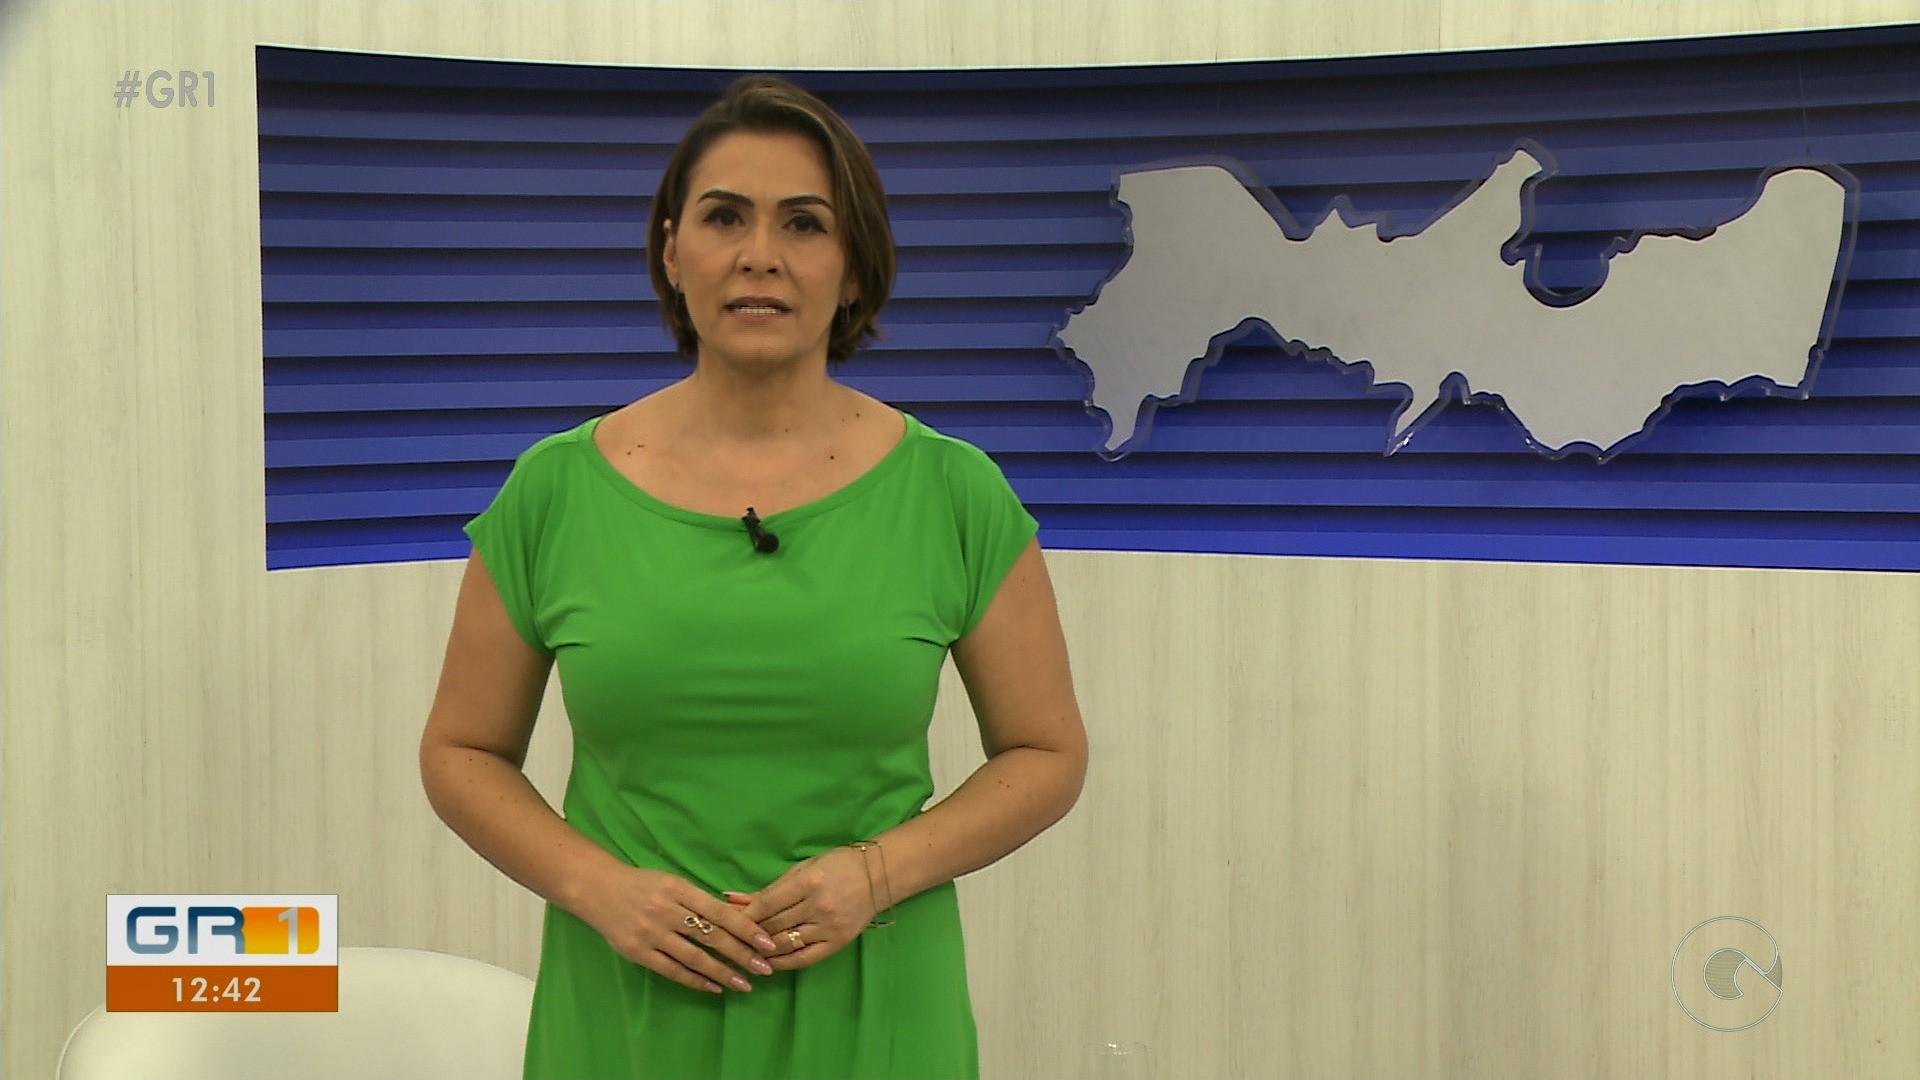 VÍDEOS:GR1 de sexta-feira, 24 de abril